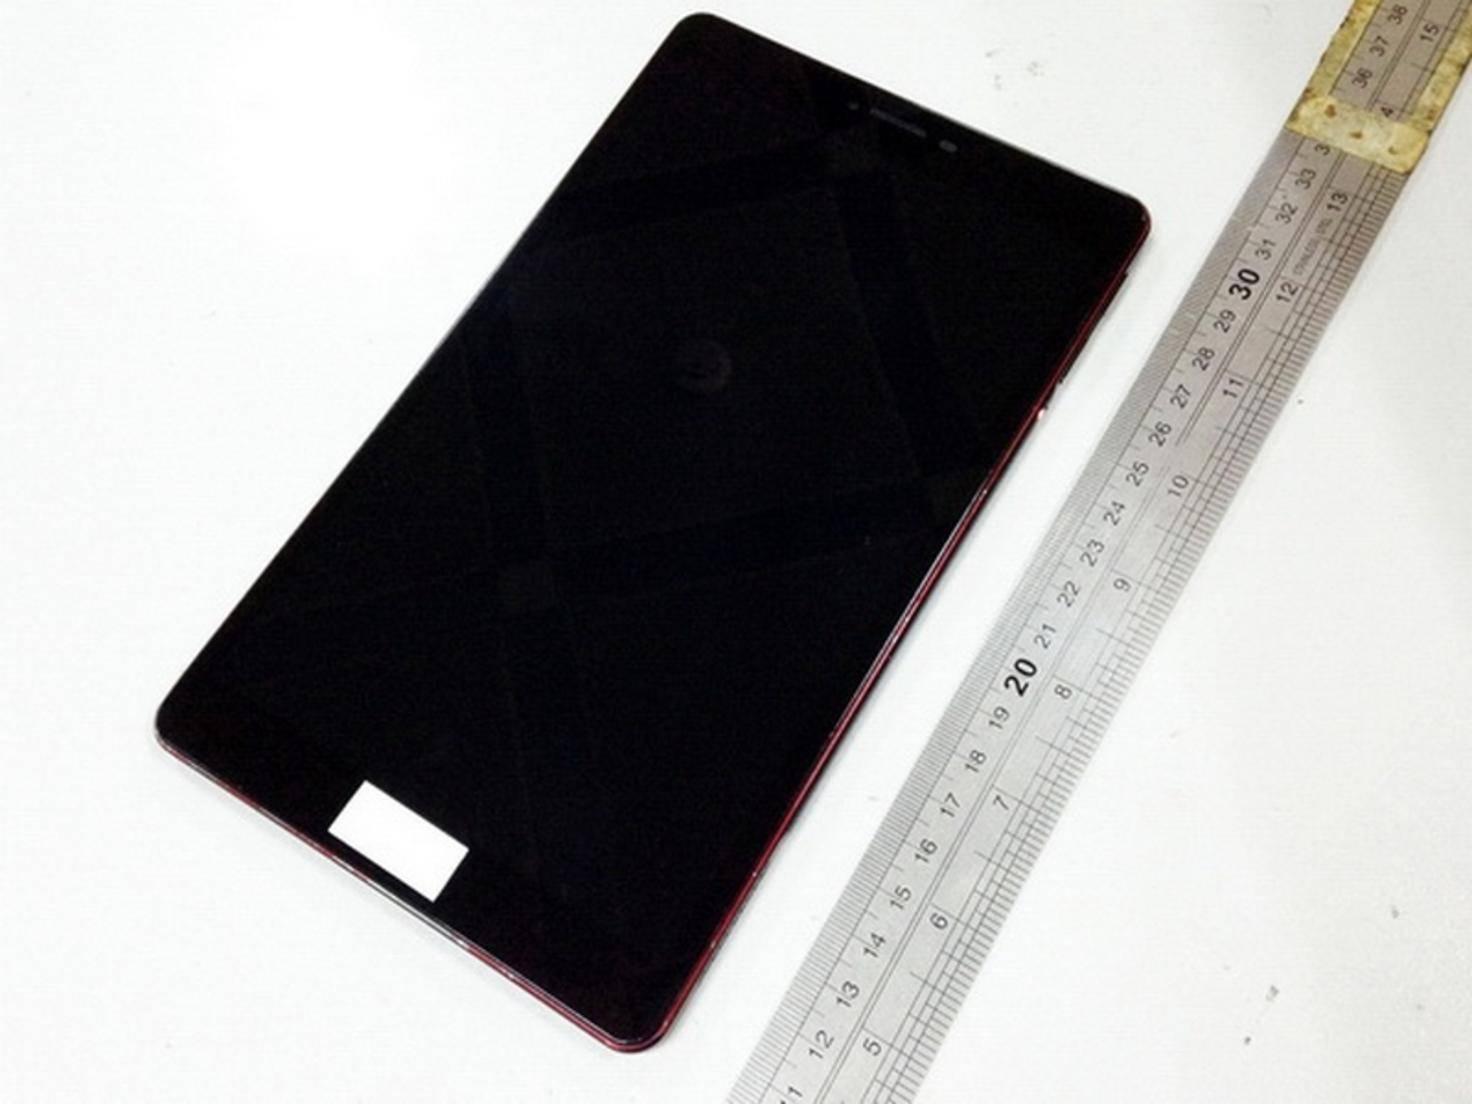 Das angebliche Nexus 8 hat eine Höhe von 20 cm.